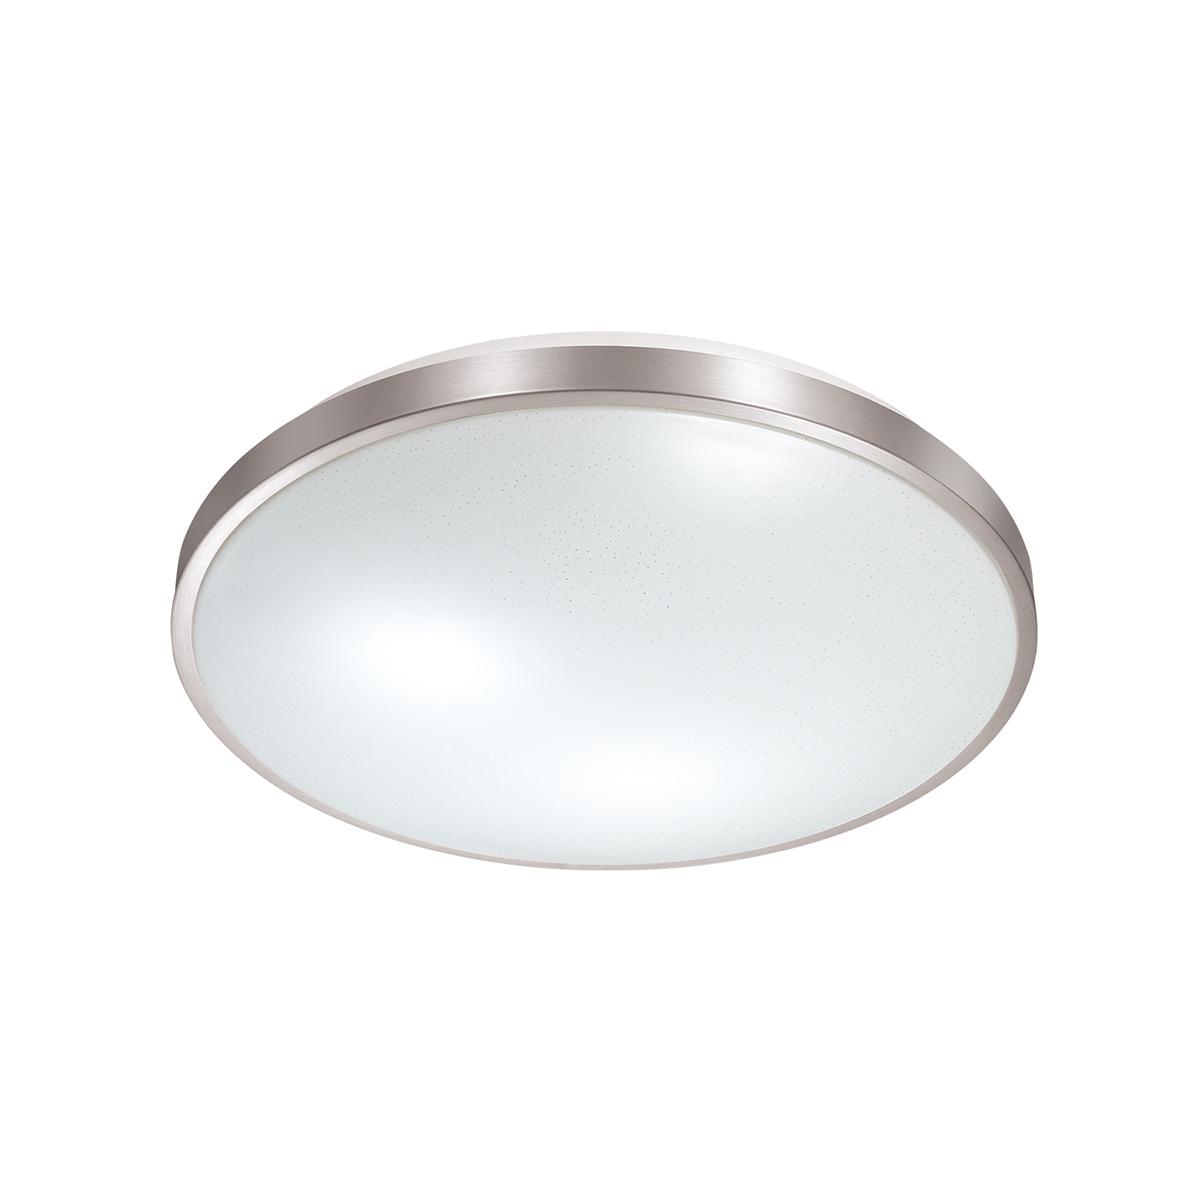 Потолочные светильники 2088/DL LOTA NICKEL Sonex